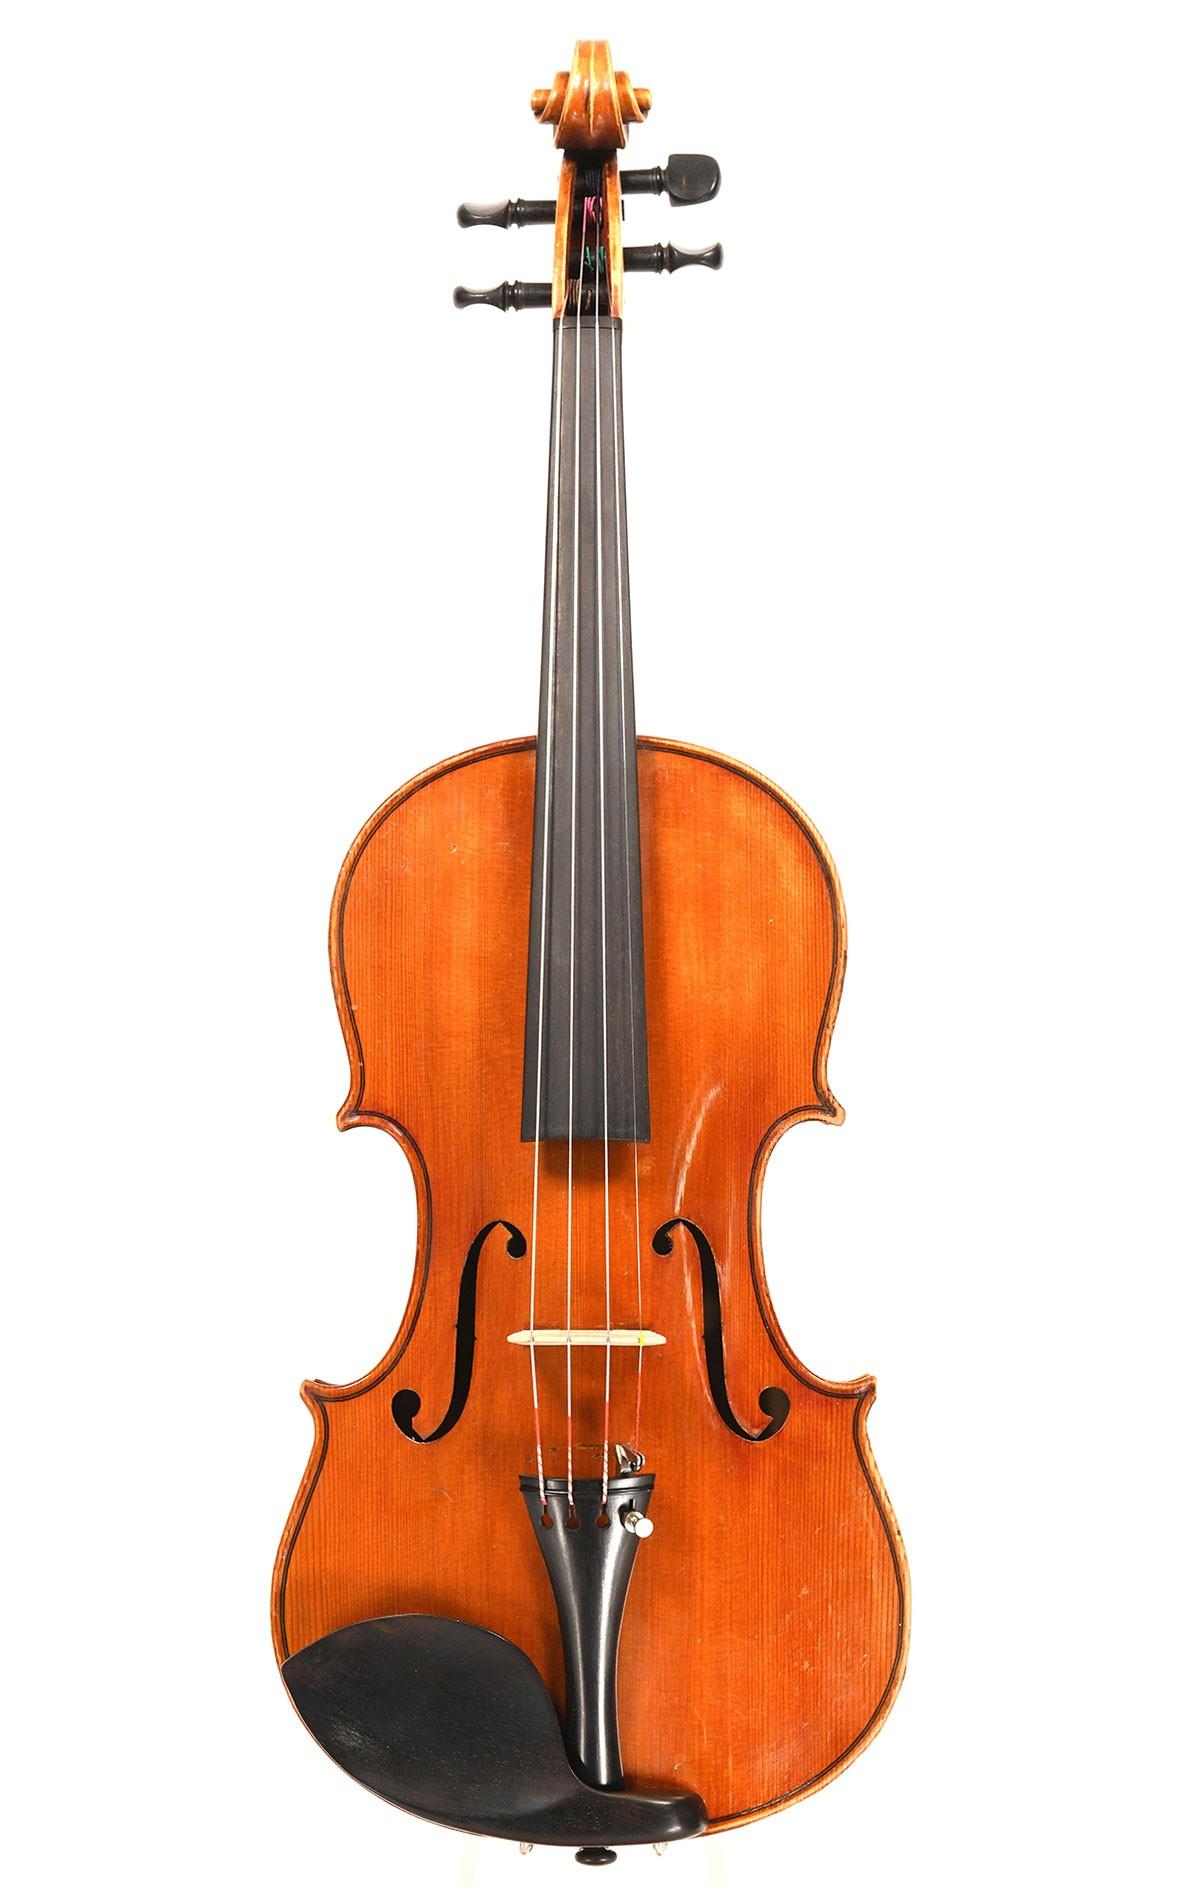 Englische Geige von John Scheerer